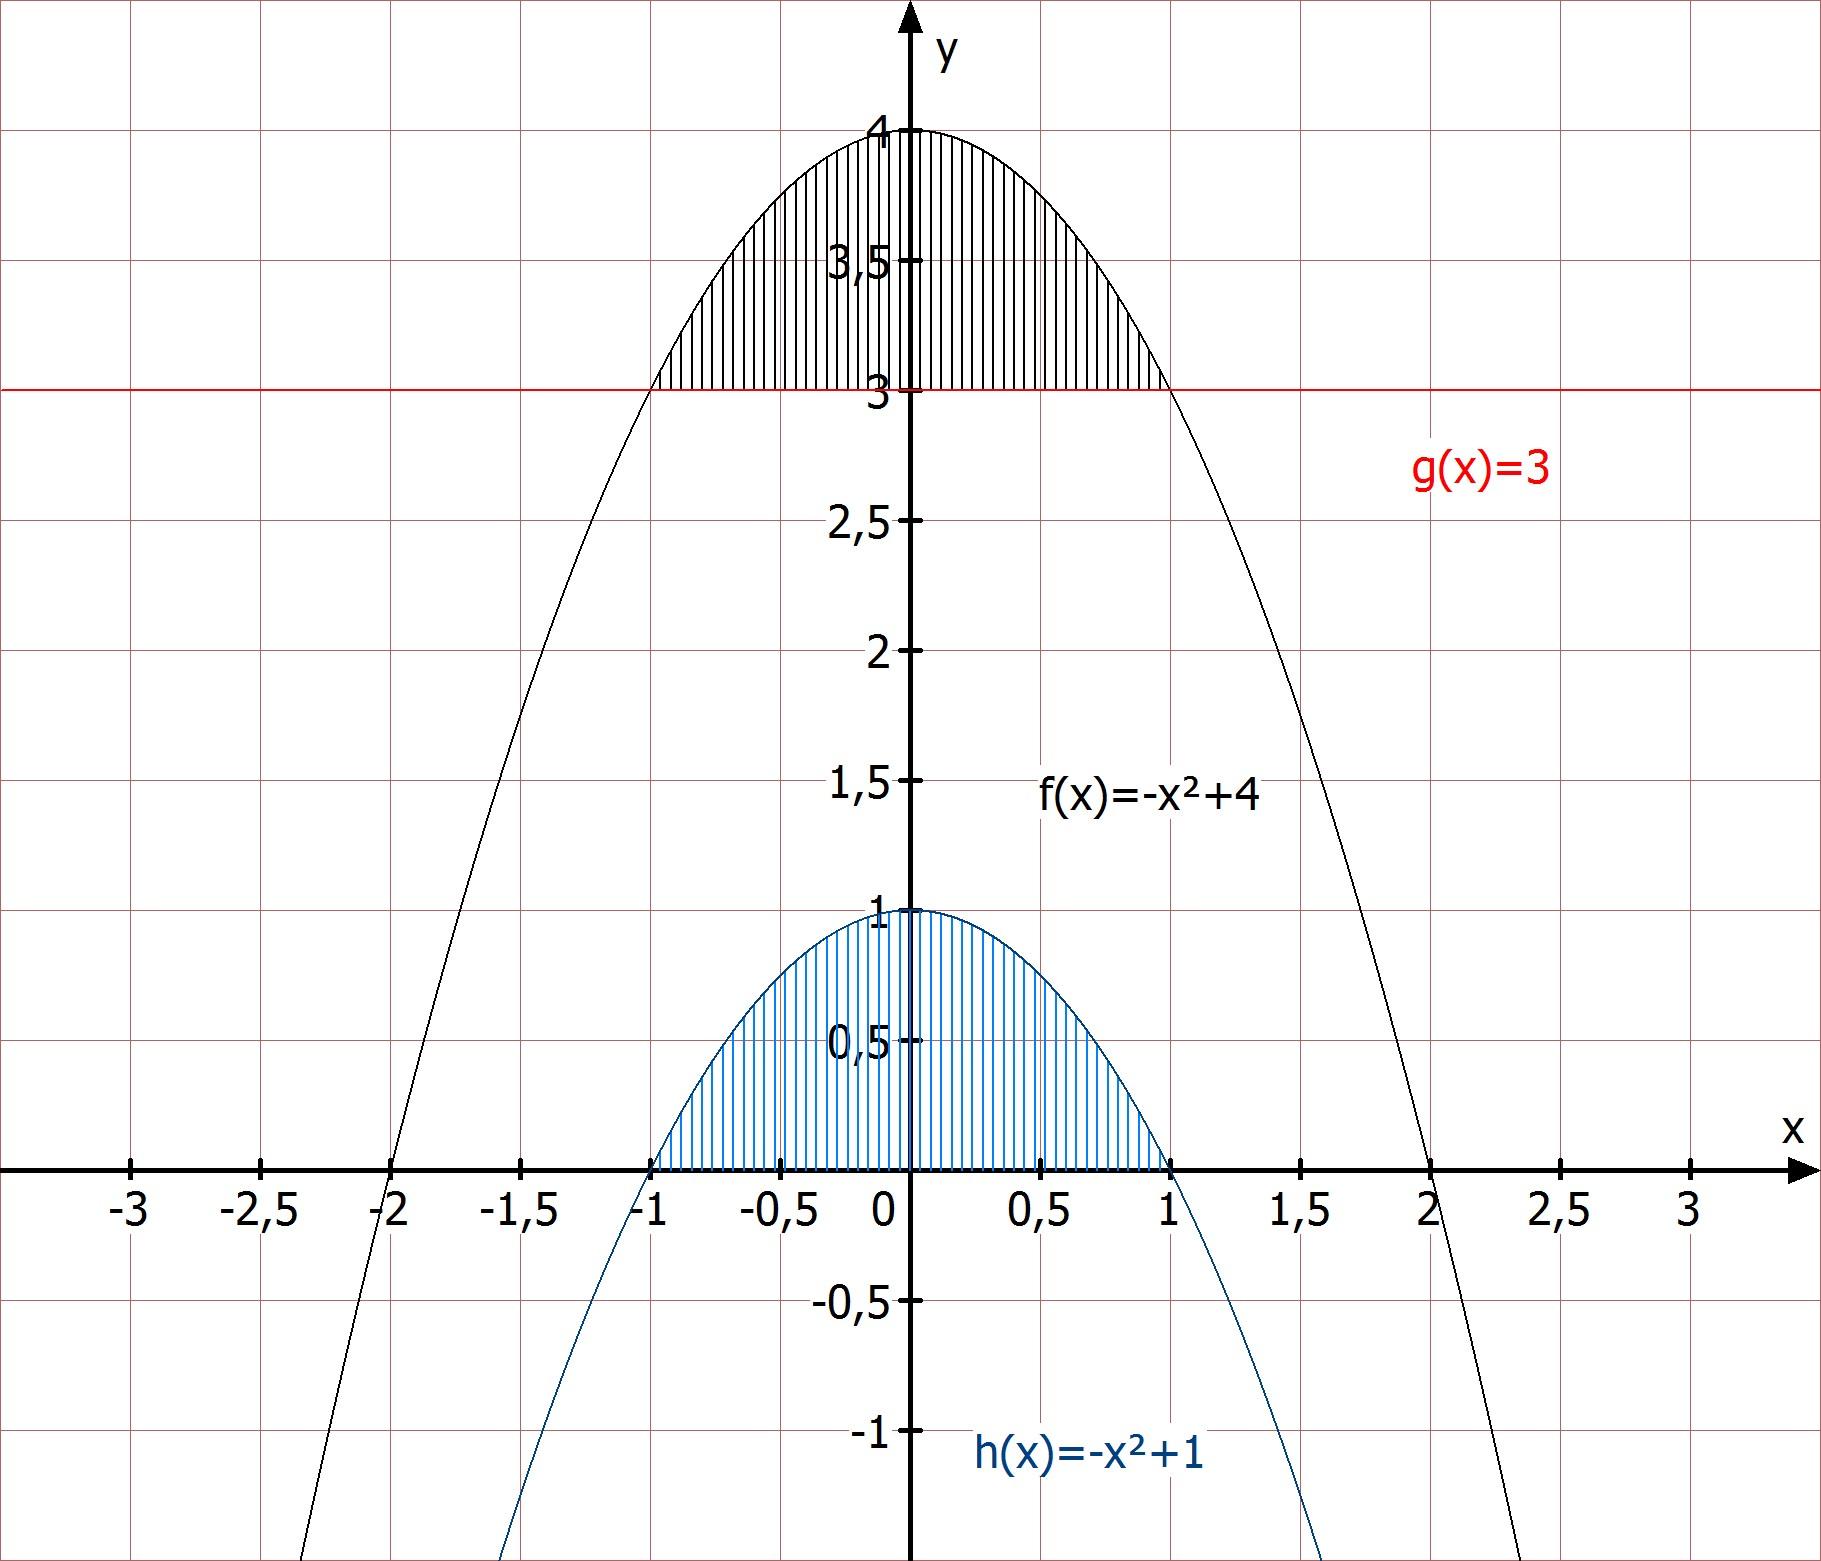 f(x) = -x^2+4; g(x)= 3 bestimmen sie den inhalt der fläche, die